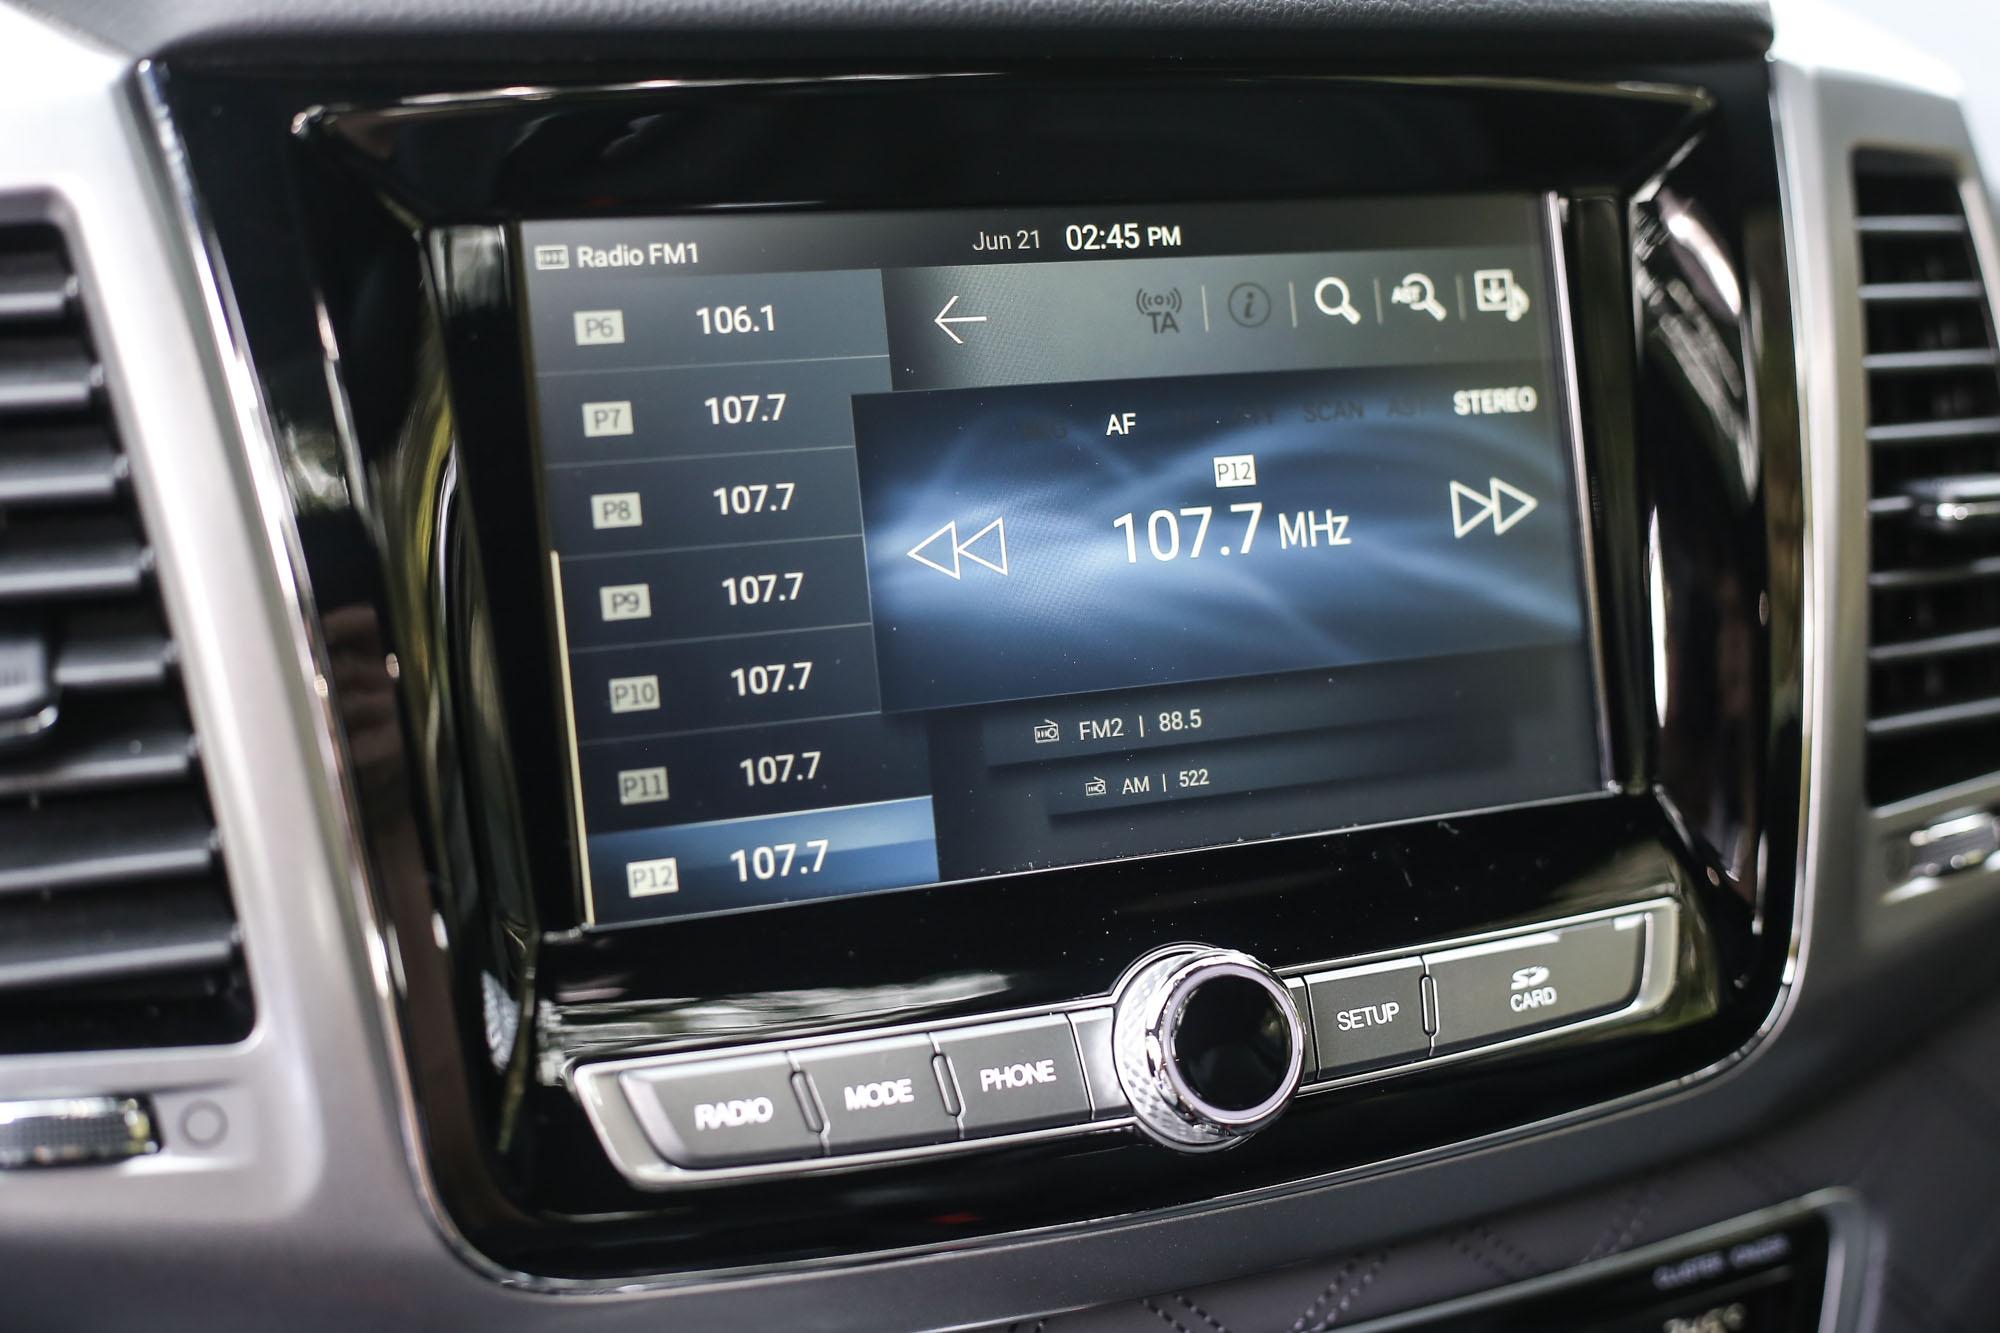 八吋中控台觸控螢幕整合 Apple CarPlay 與 Android Auto 手機連接功能。